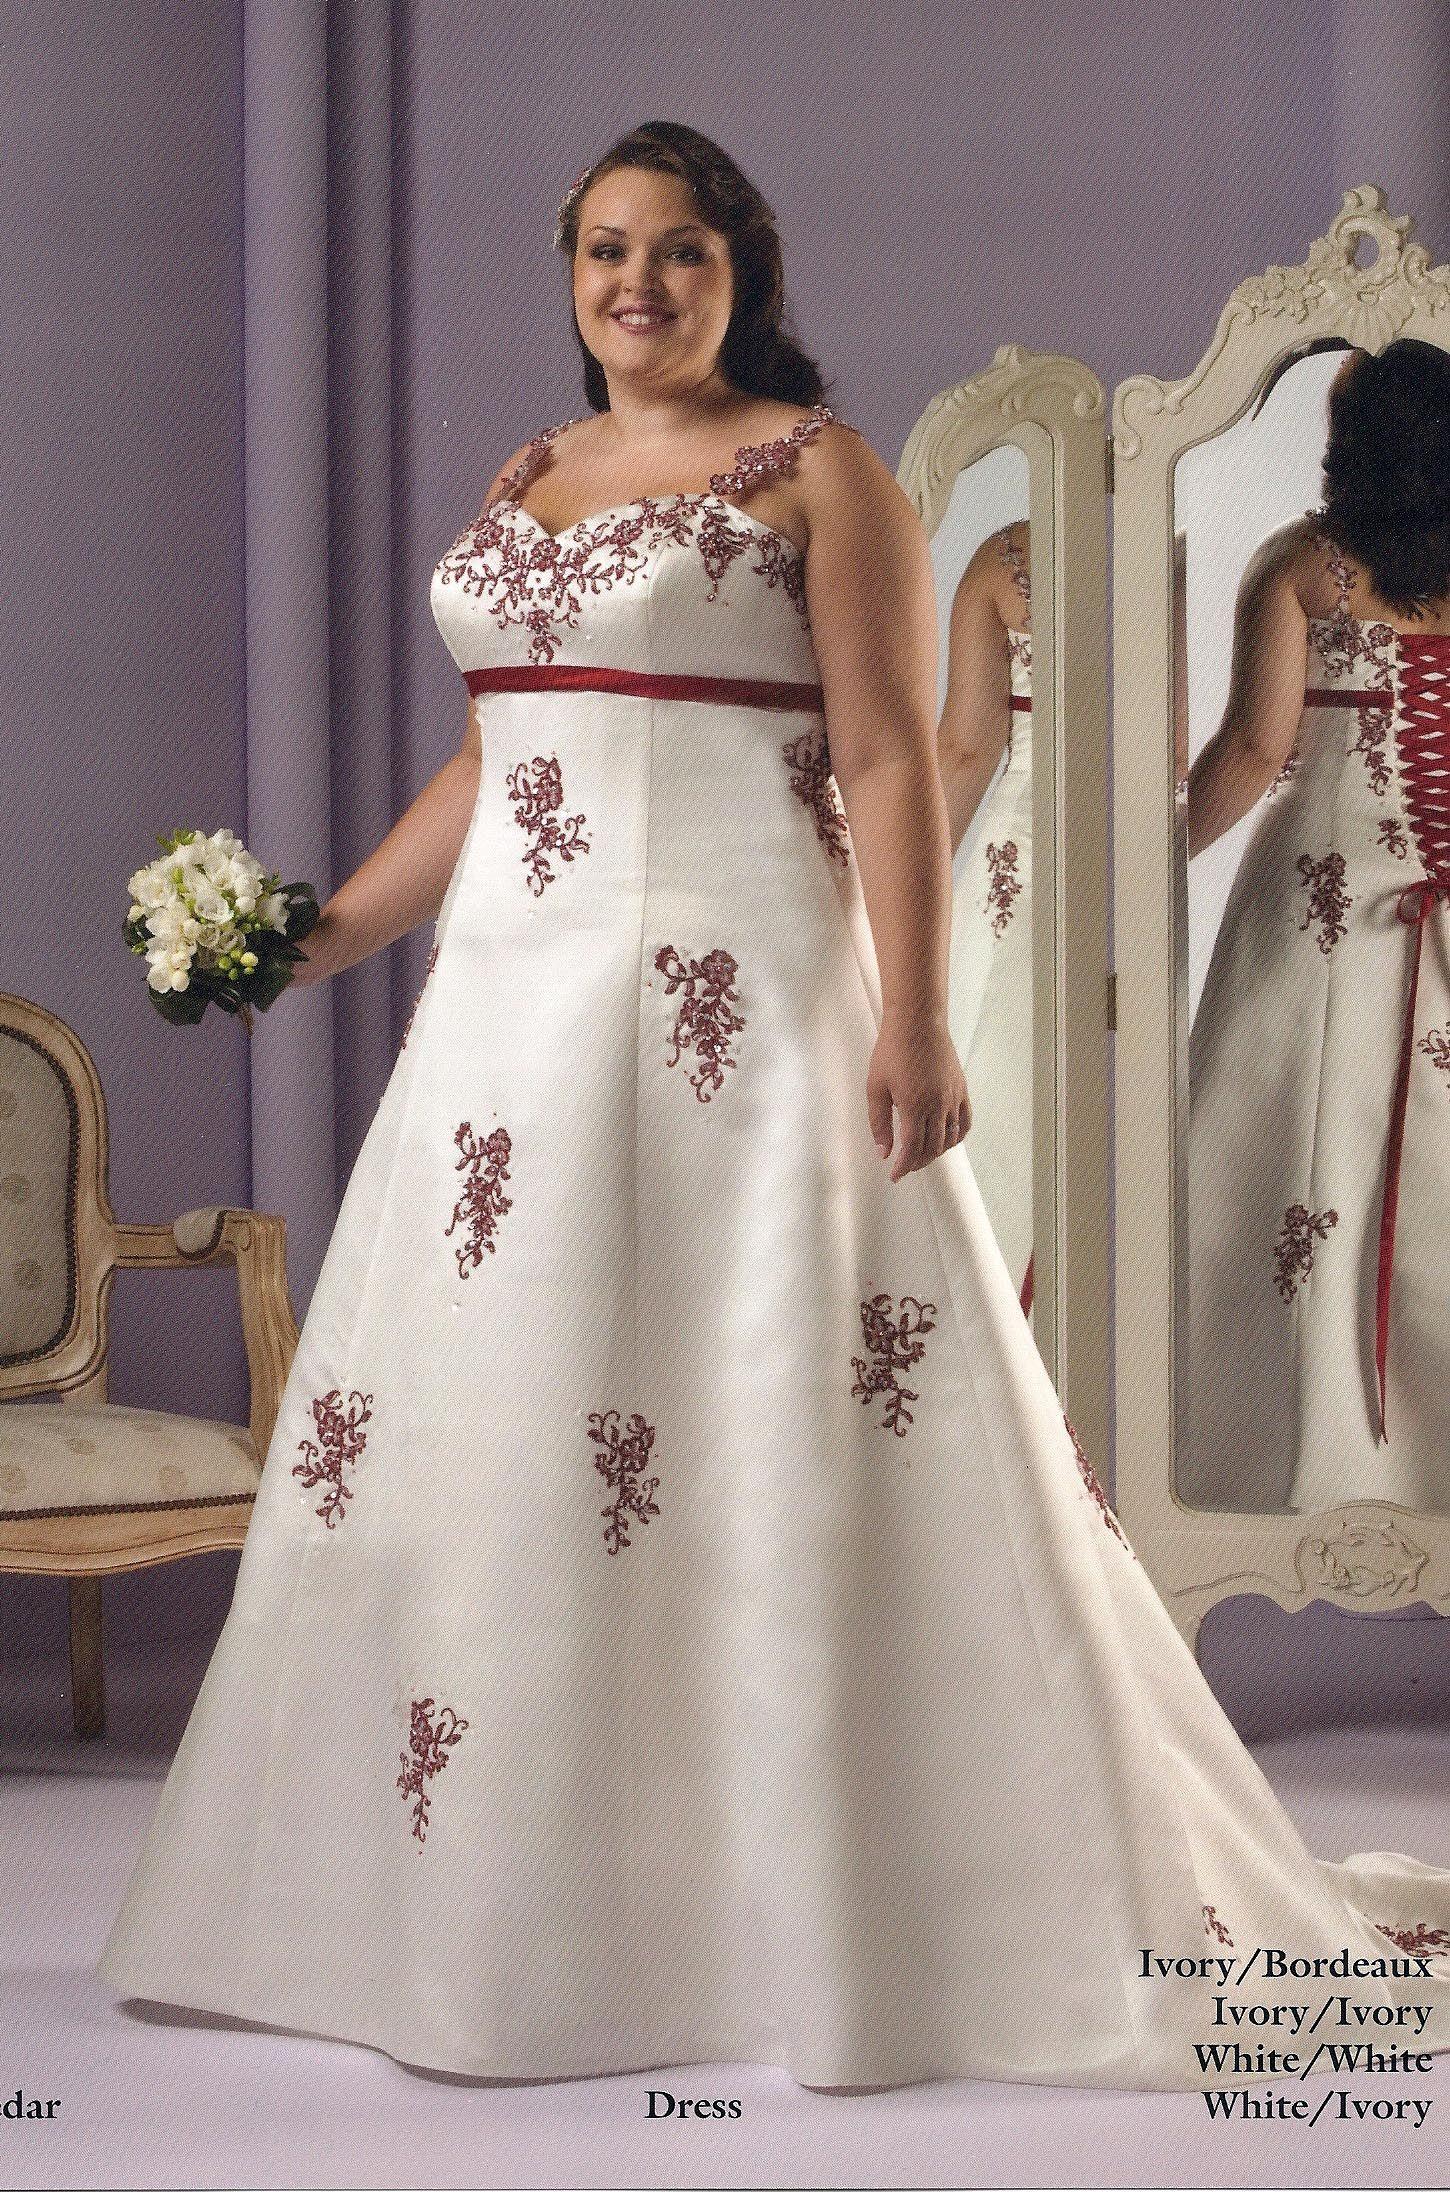 Billig aber elegant und glamour hochzeitskleider günstig große